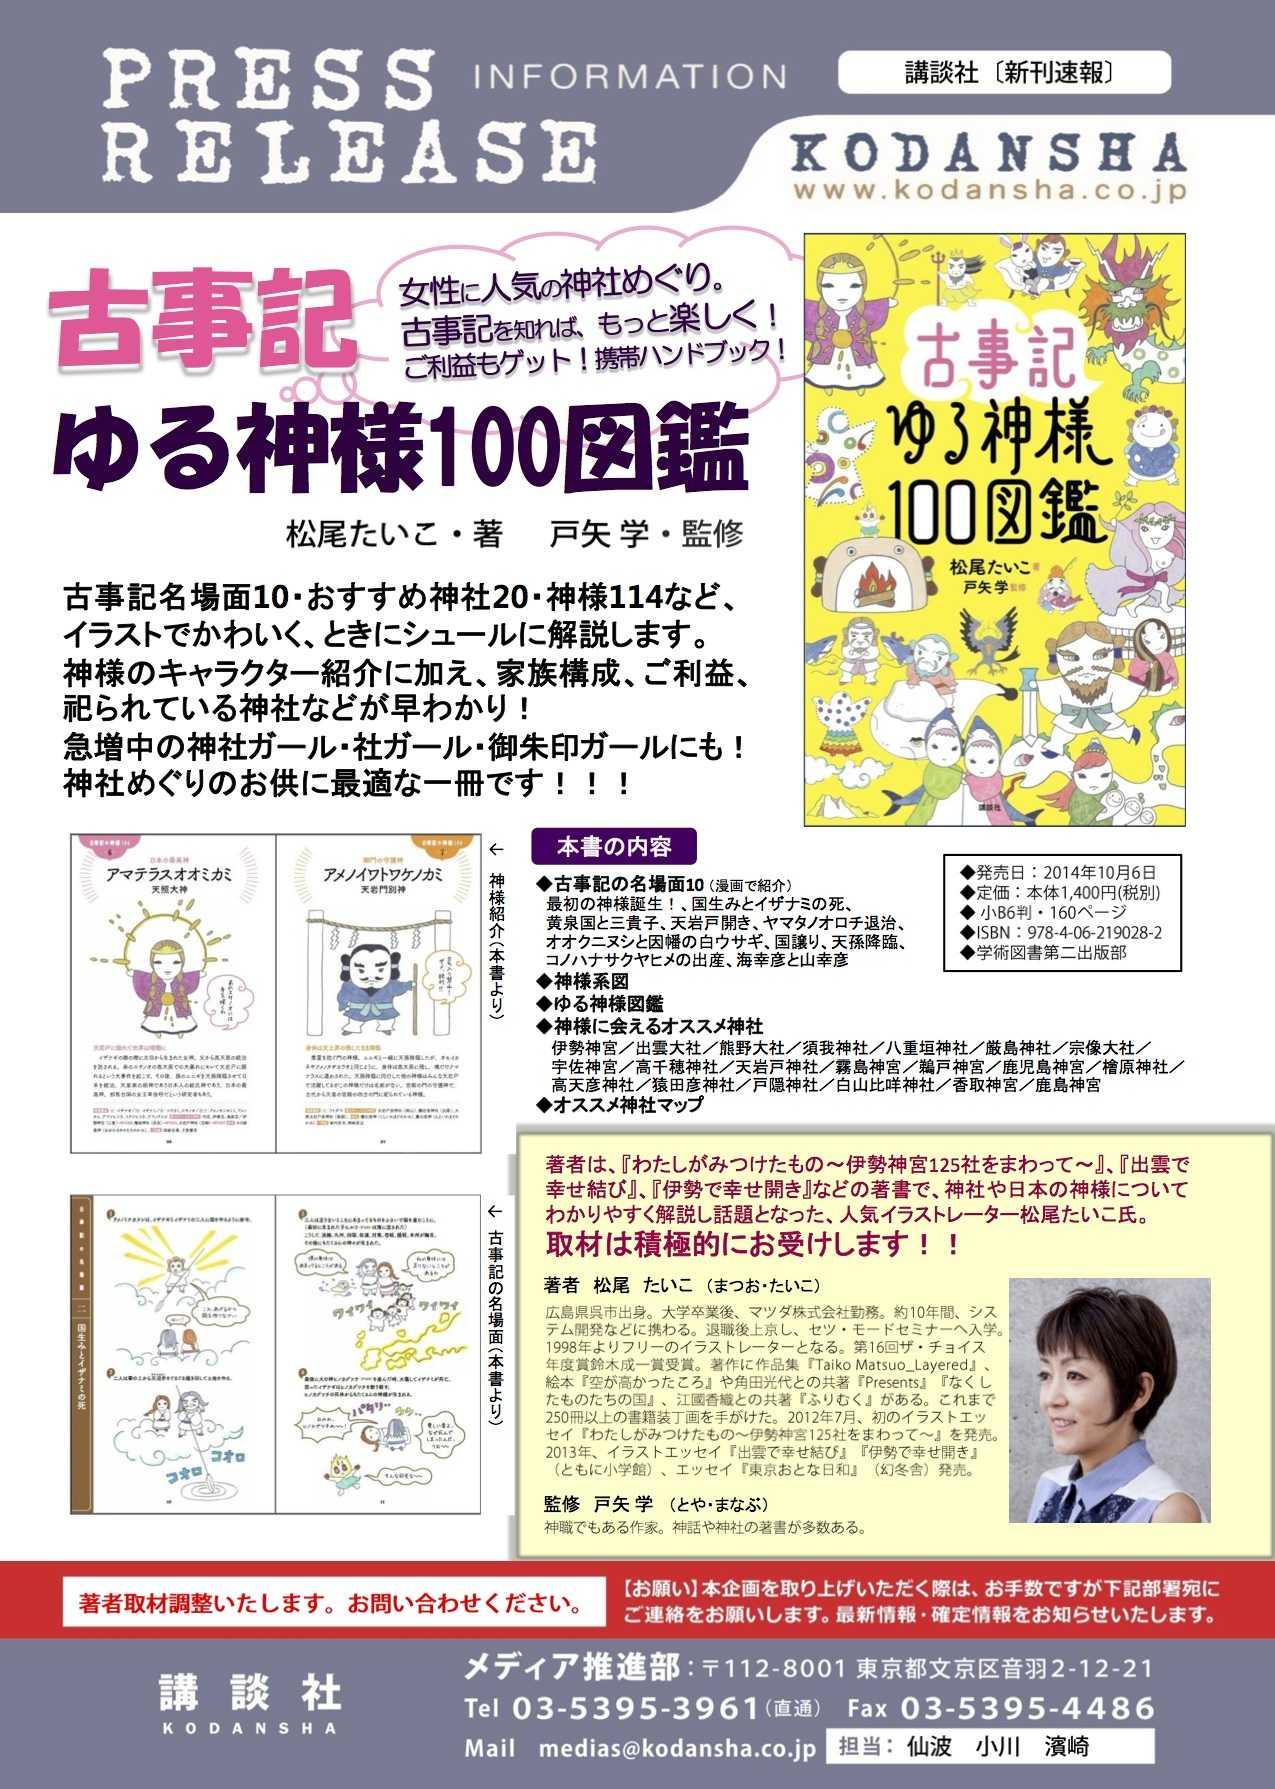 ダウンロード出来ます♪10/6発売予定「古事記ゆる神様100図鑑」プレスリリース資料_d0339885_12591068.jpg